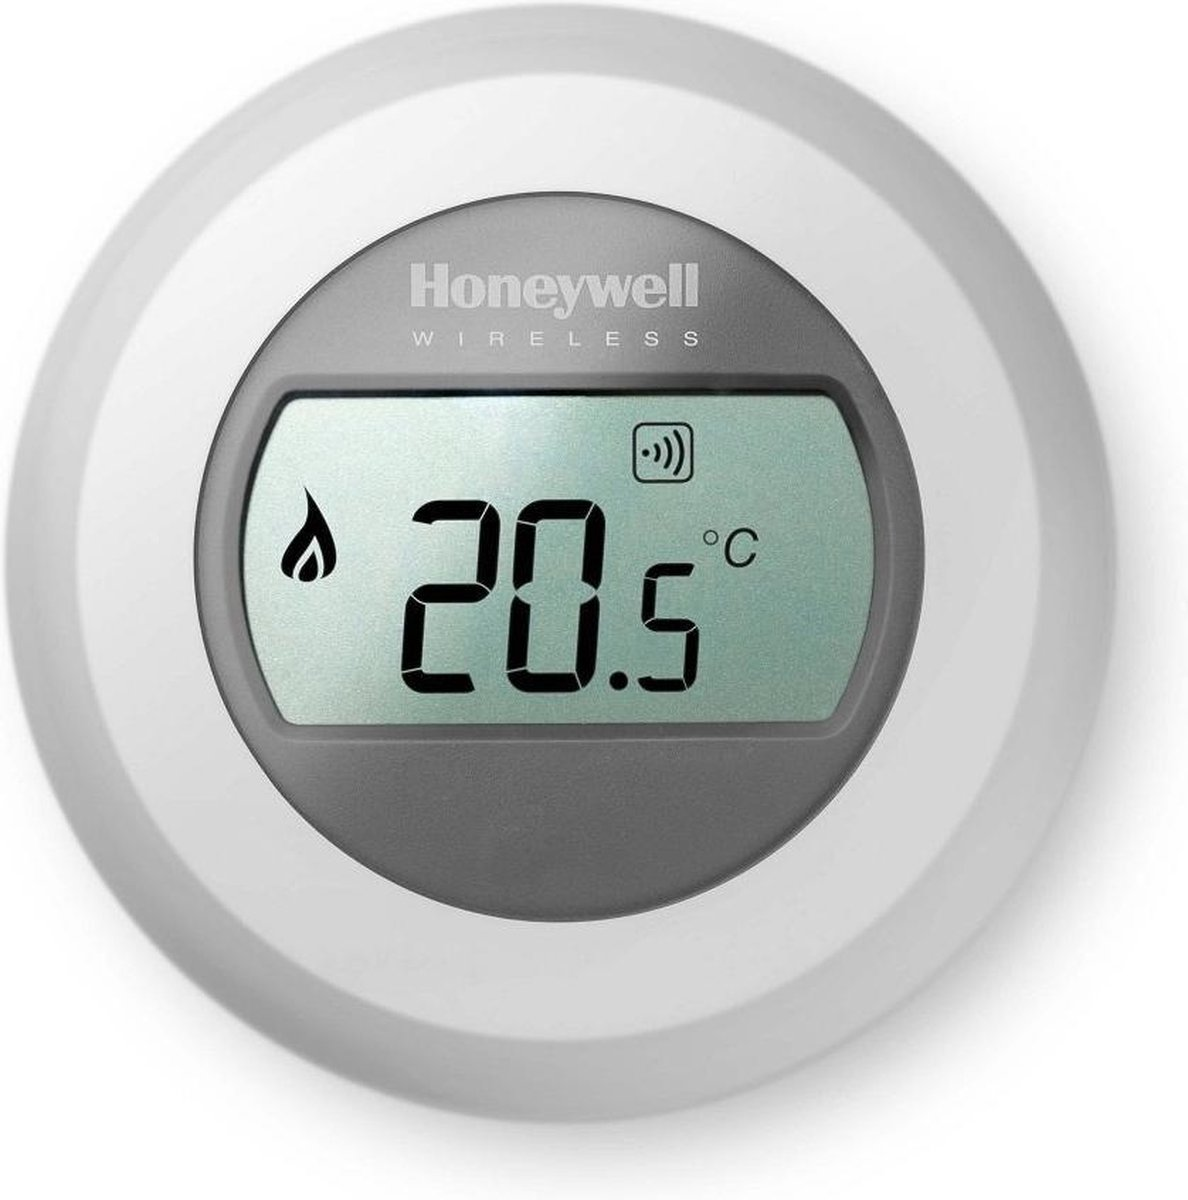 Honeywell Round Wireless - Draadloze aan/uit kamerthermostaat - Exclusief RF module